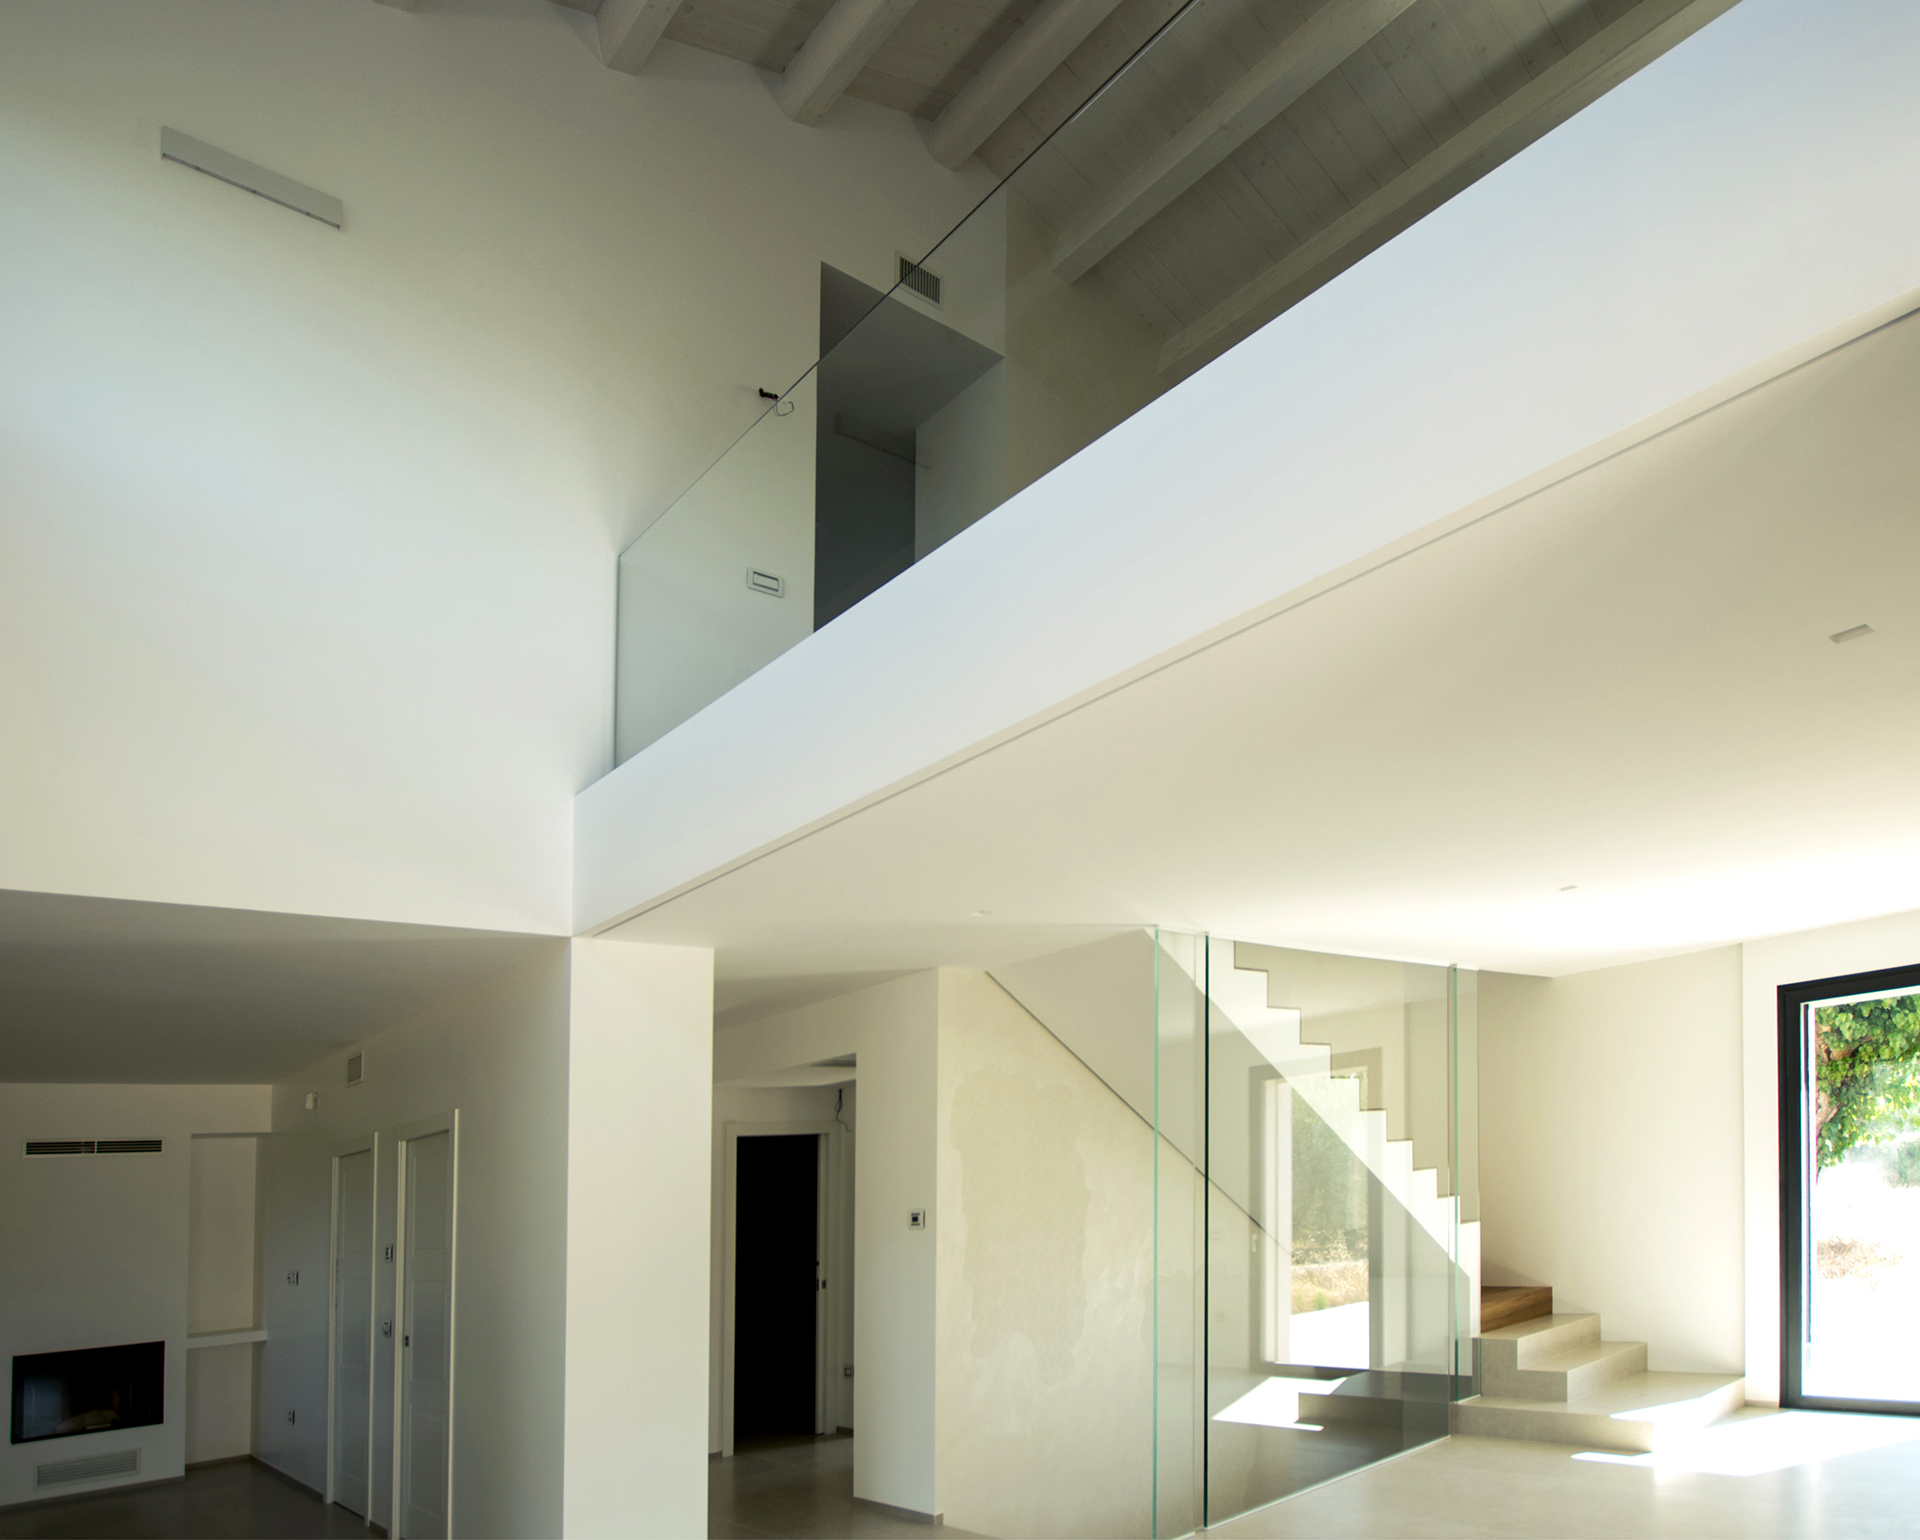 casa AI GR. le linee pulite geometriche e minimali riaffiorano in ogni angolo della casa. Il tetto in legno sbiancato è percepibile dal piano terra grazie all'enorme doppia altezza che da respiro a tutta la zona giorno.